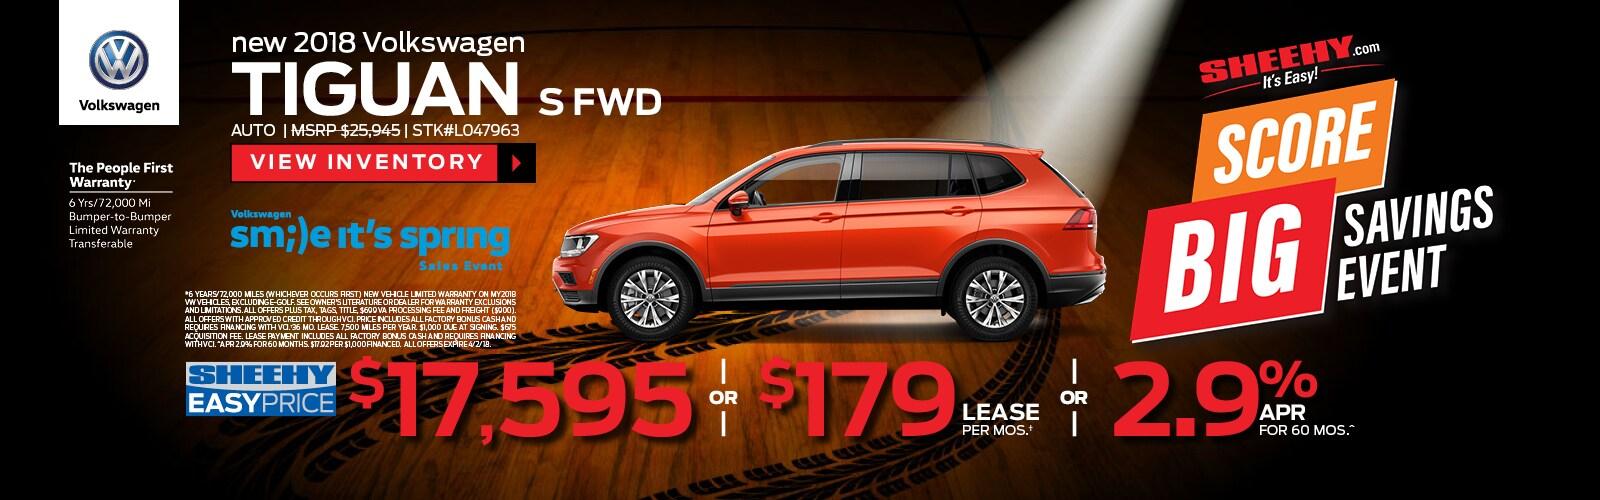 New Volkswagen Used Car Dealer Near You In Springfield VA - Volkswagen credit login